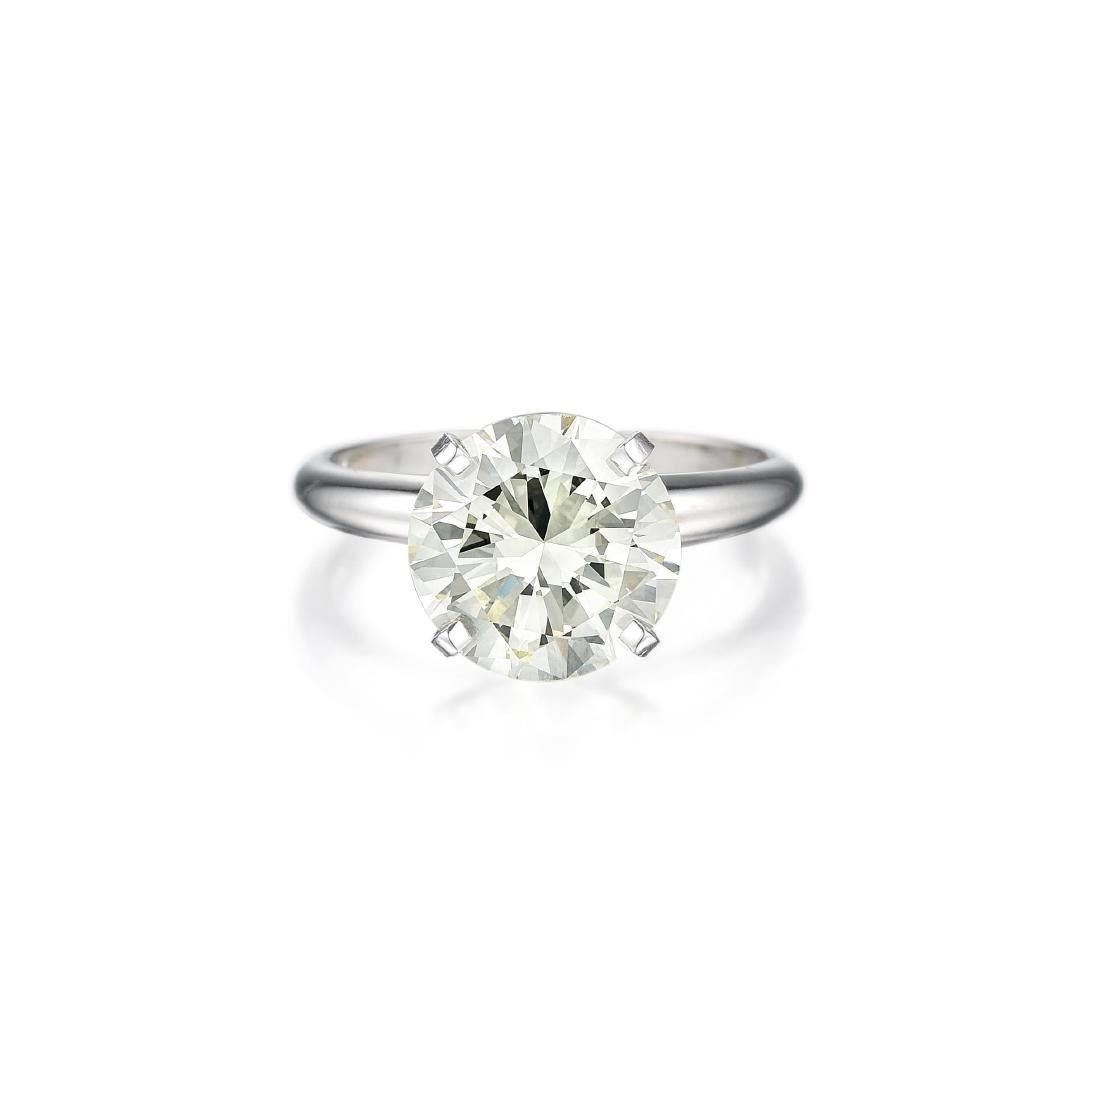 A 3.61-Carat N VVS2 Diamond Ring